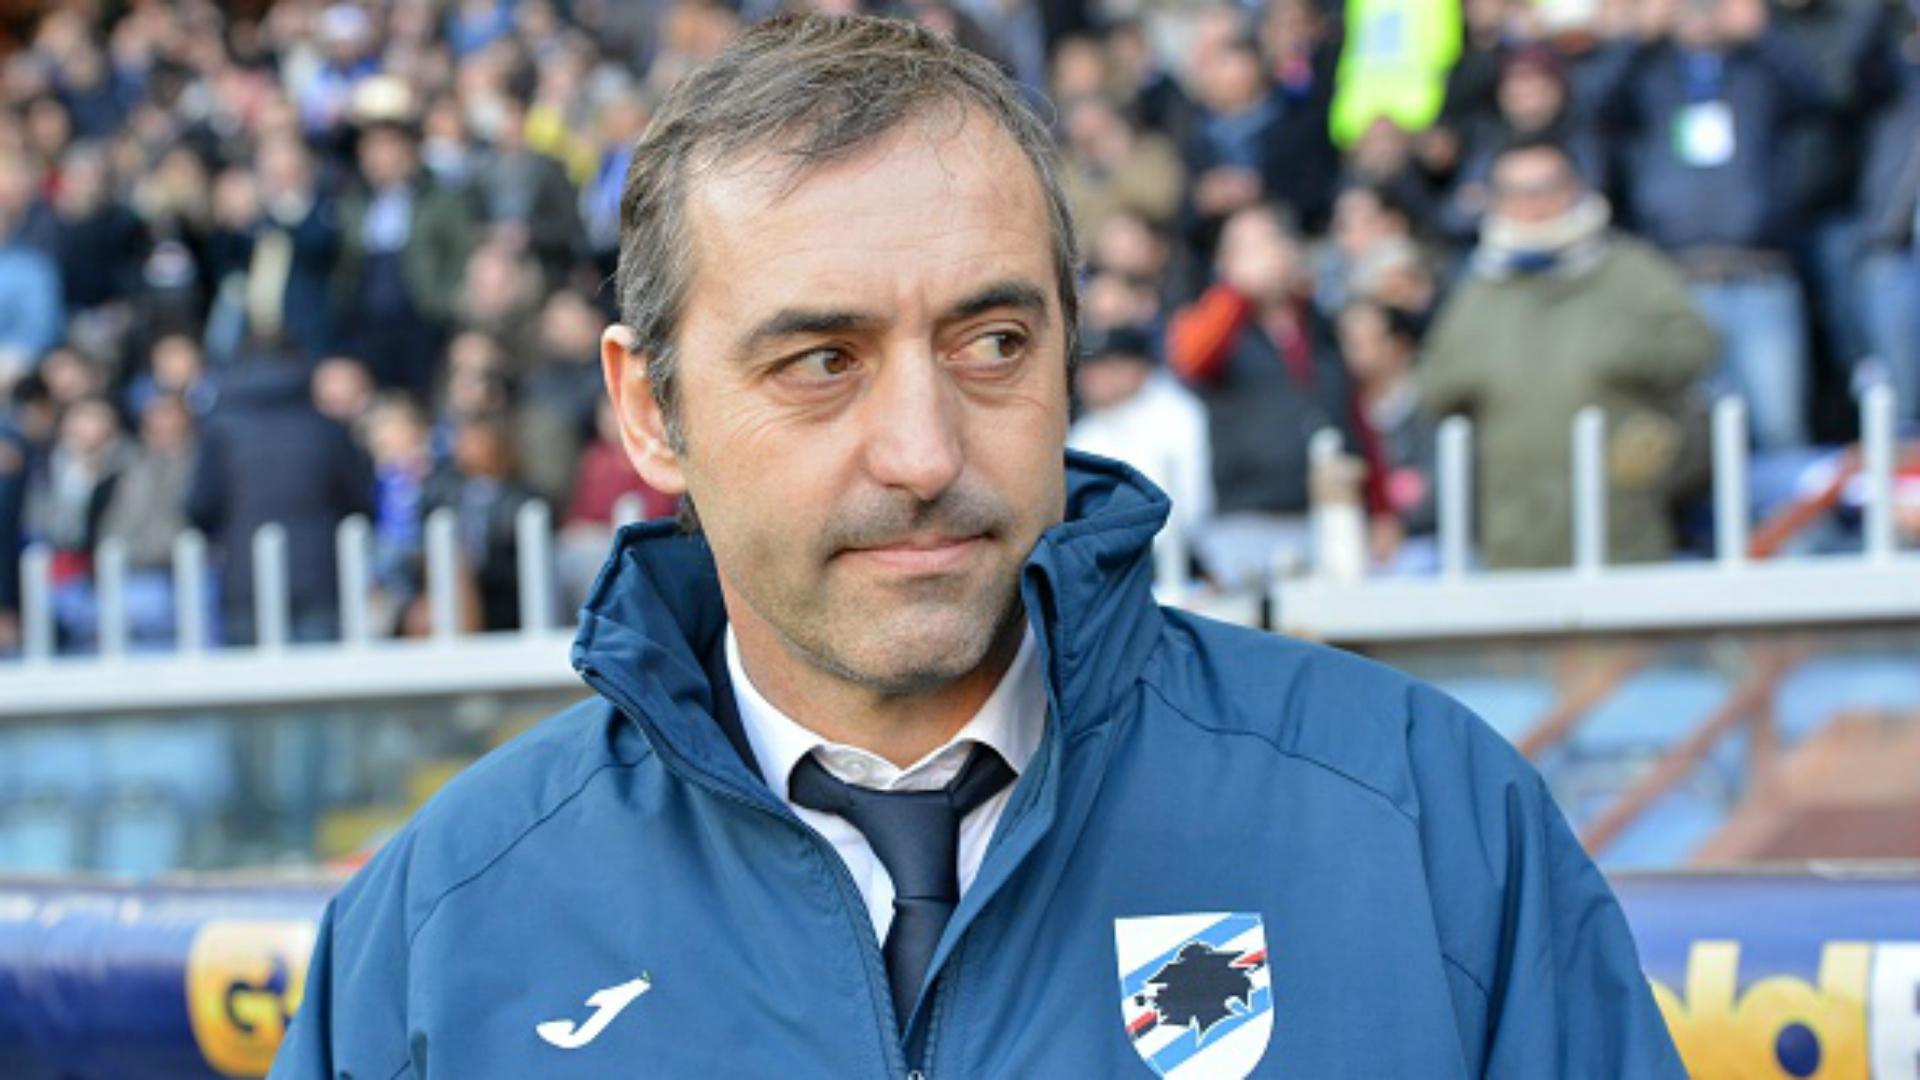 FINALE   Primavera Tim Cup, Fiorentina-Milan 0-4: disfatta totale, Bigica boys subito eliminati